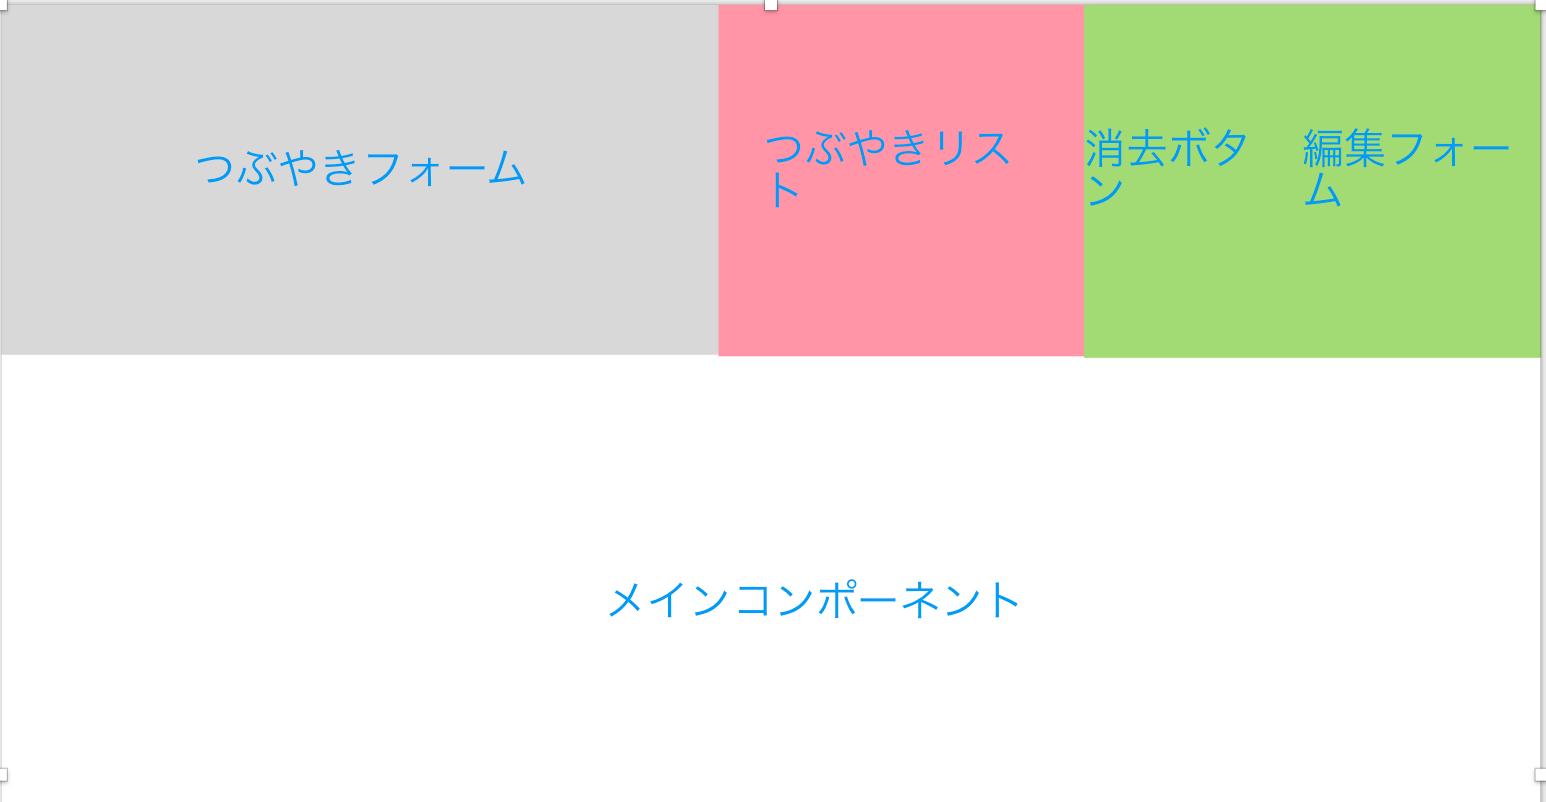 スクリーンショット 2018-02-17 11.39.19.png